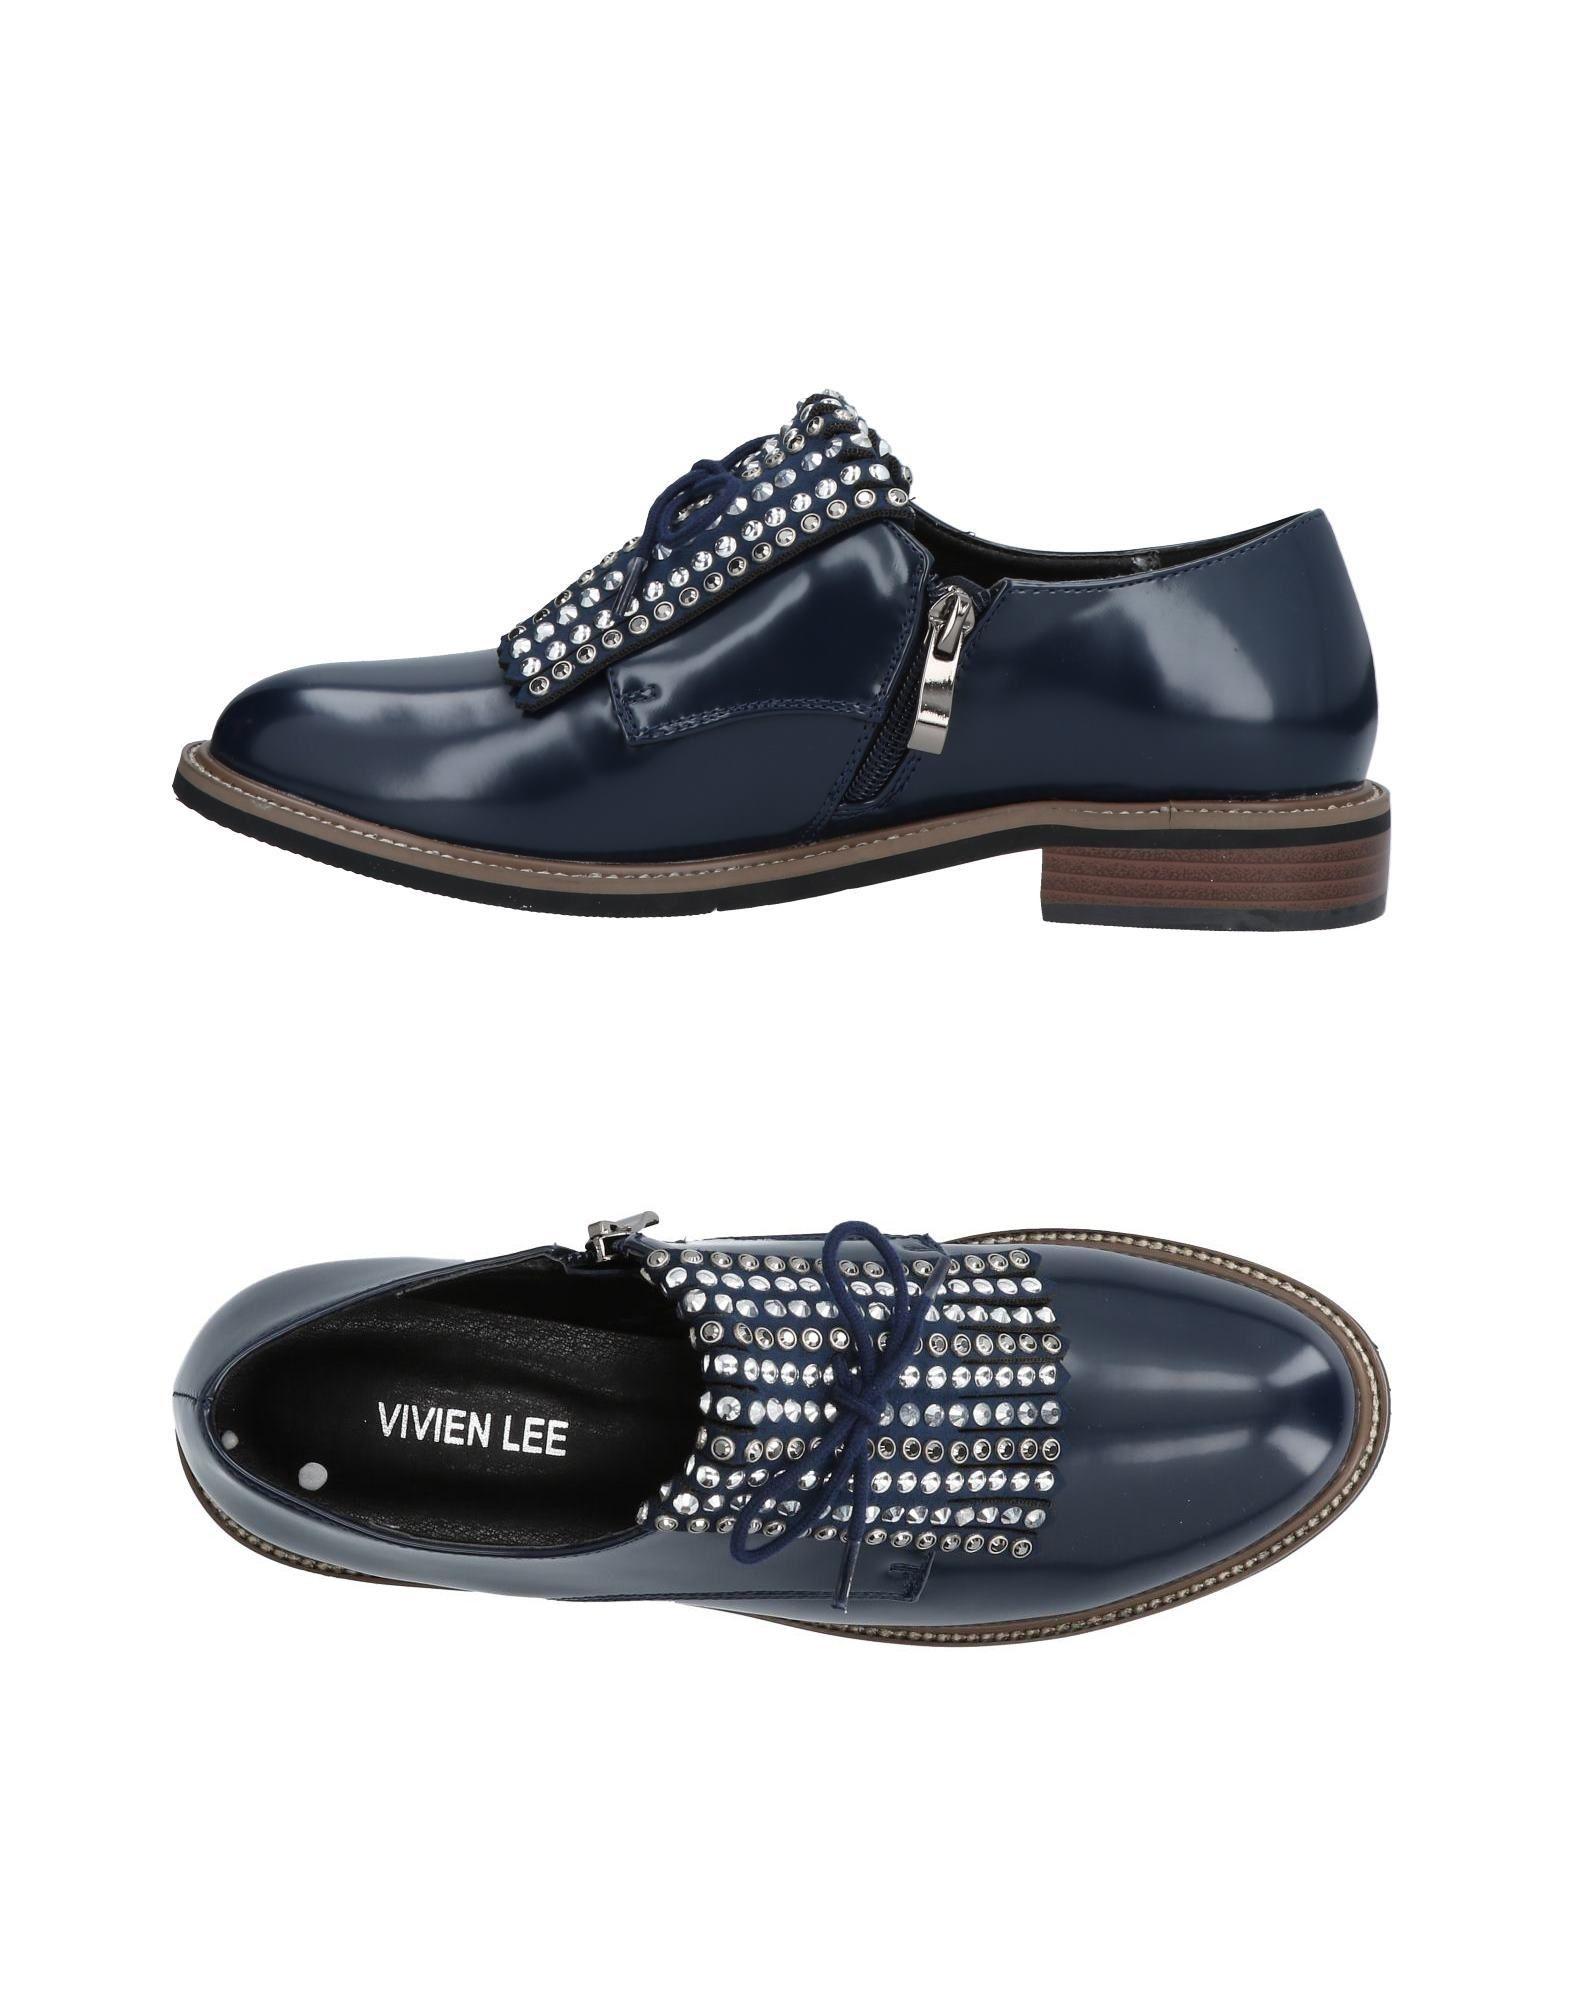 Vivien Lee Schnürschuhe Damen  11417967PV Gute Qualität beliebte Schuhe